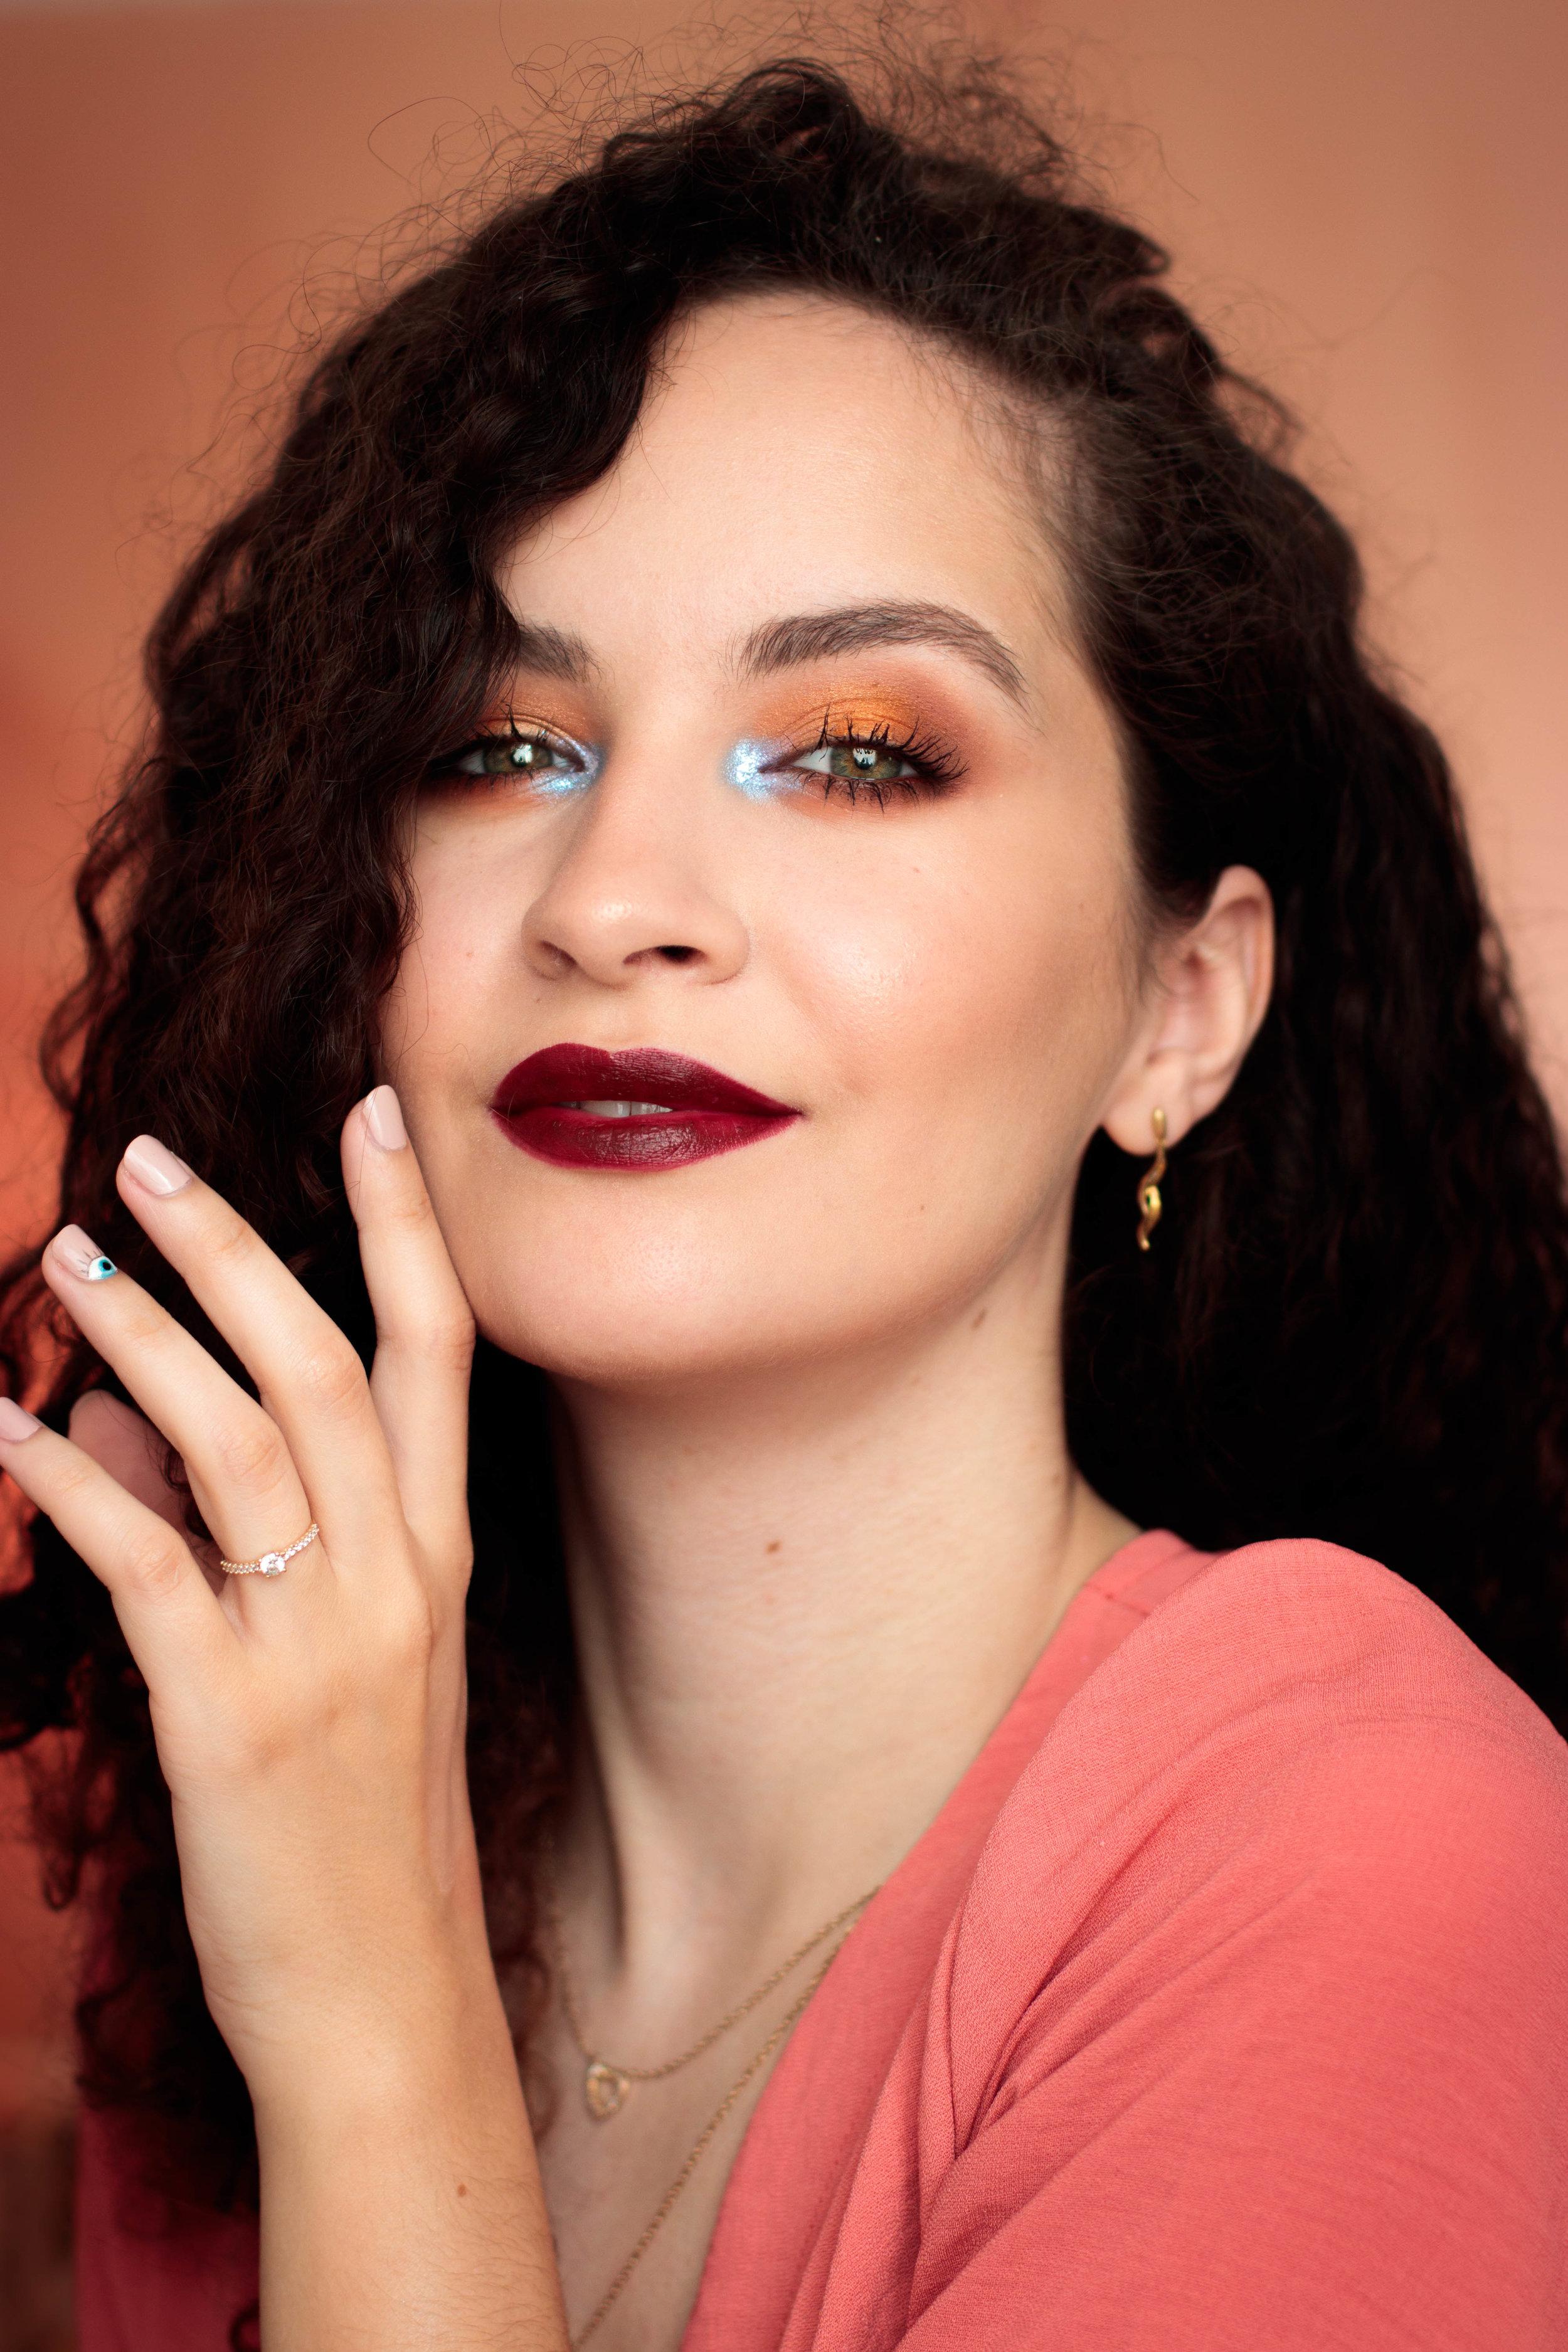 gumball-makeup-pauuulette-i-heart-revolution-sprinkles-palette-3.jpg